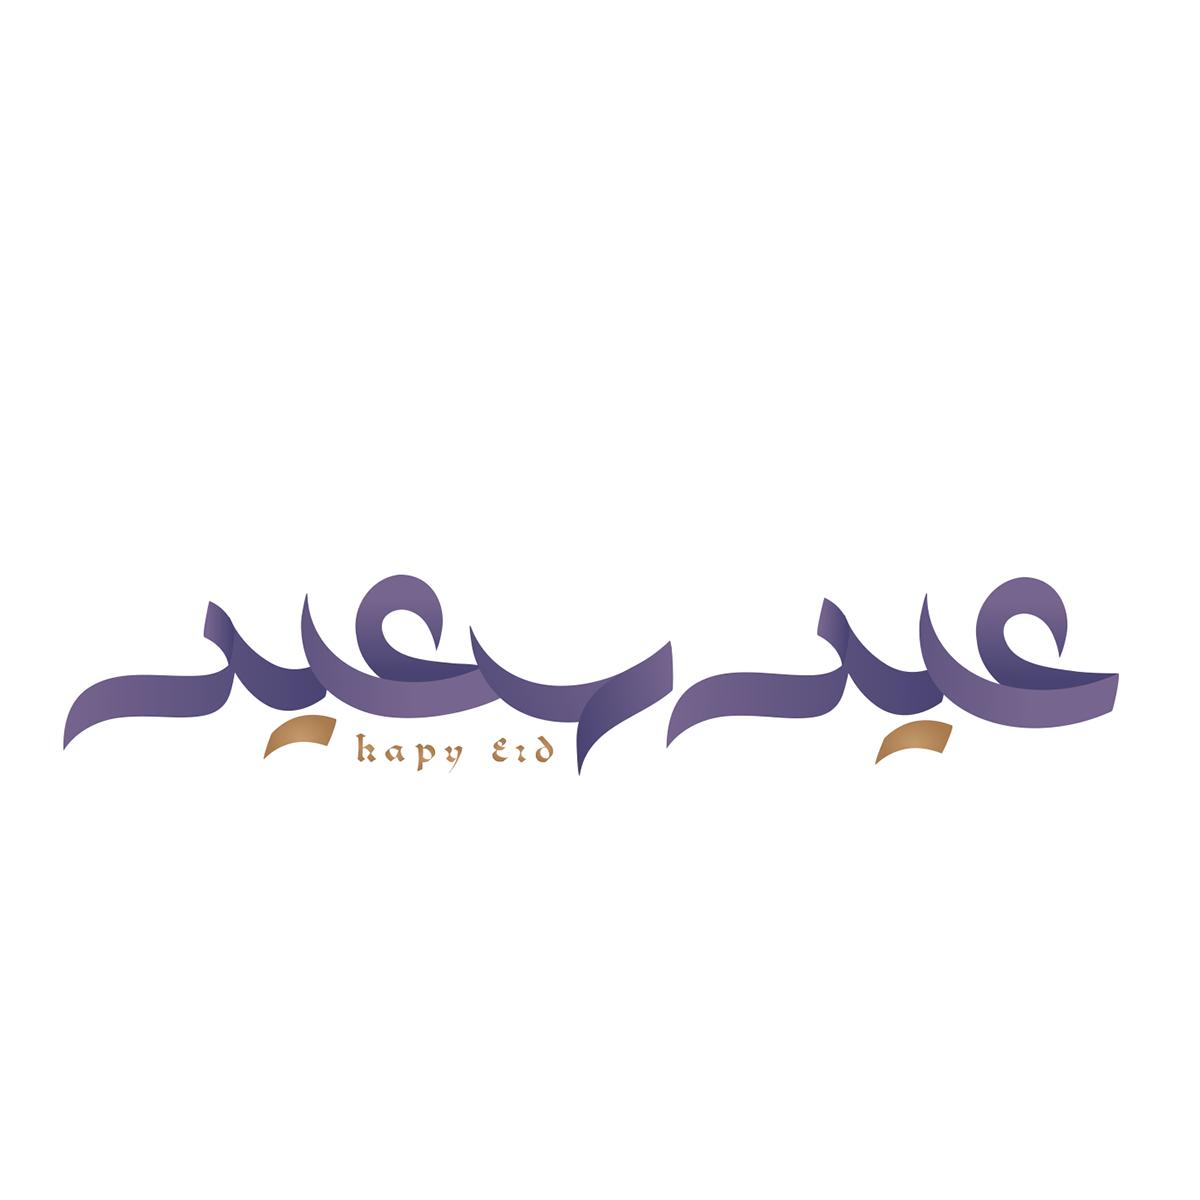 4 Eid Typography For Free . مجموعة مخطوطات بمناسبة العيد  7b3b8542377267.57cab4d4c0525